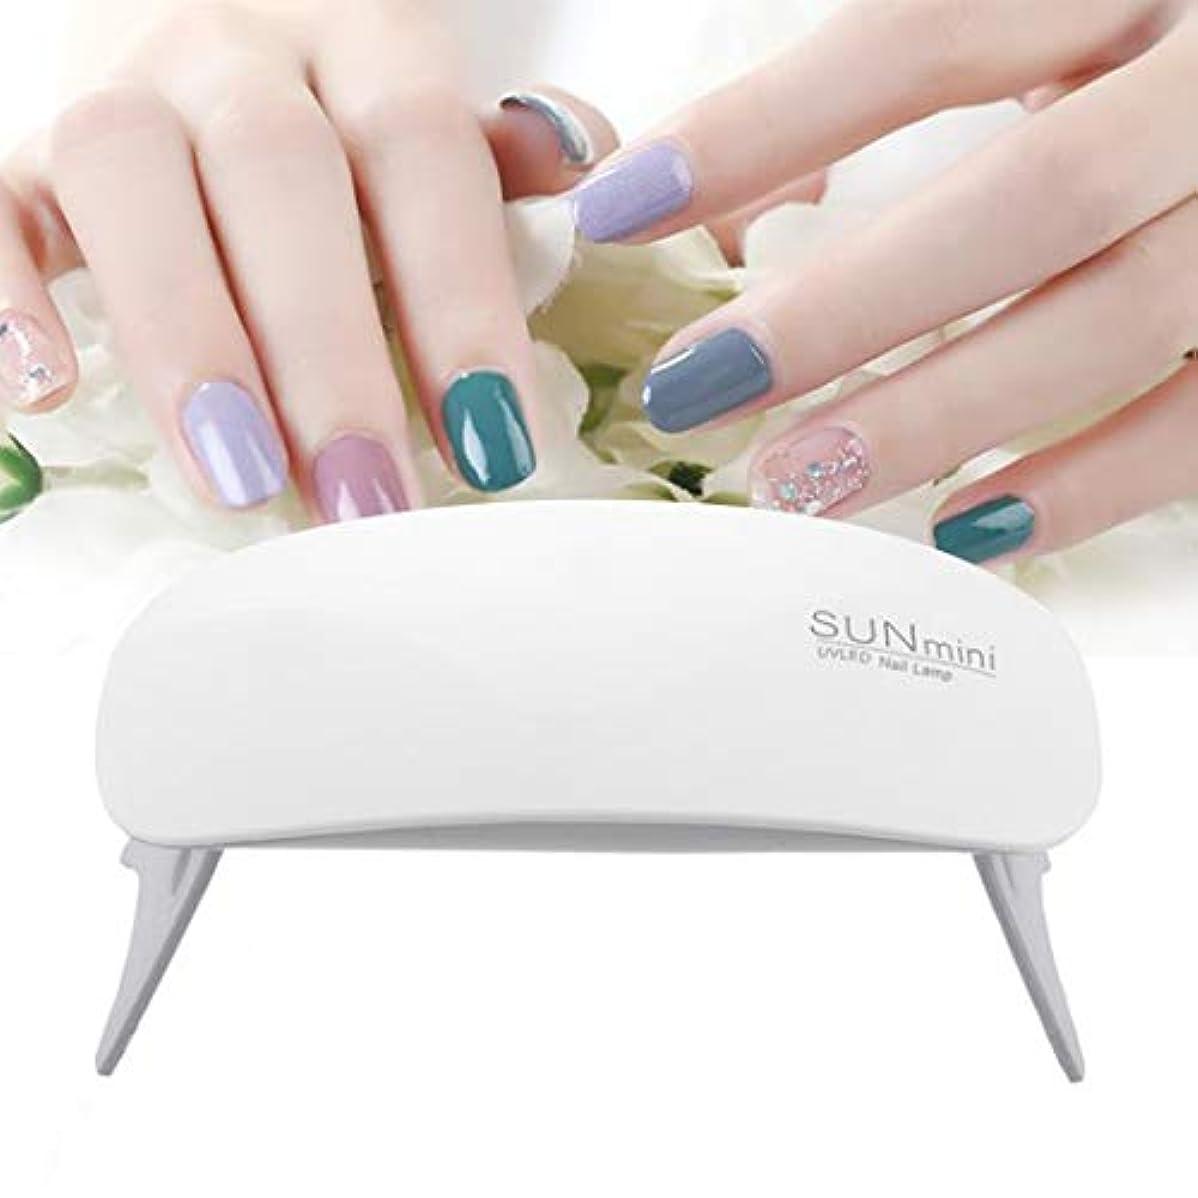 そのワーム騒々しいBFACCIA ミニサイズ UV と LEDダブルライト ネイルランプ 乾燥用速乾性折りたたみ式 タイマー設定可能 (ホワイト)